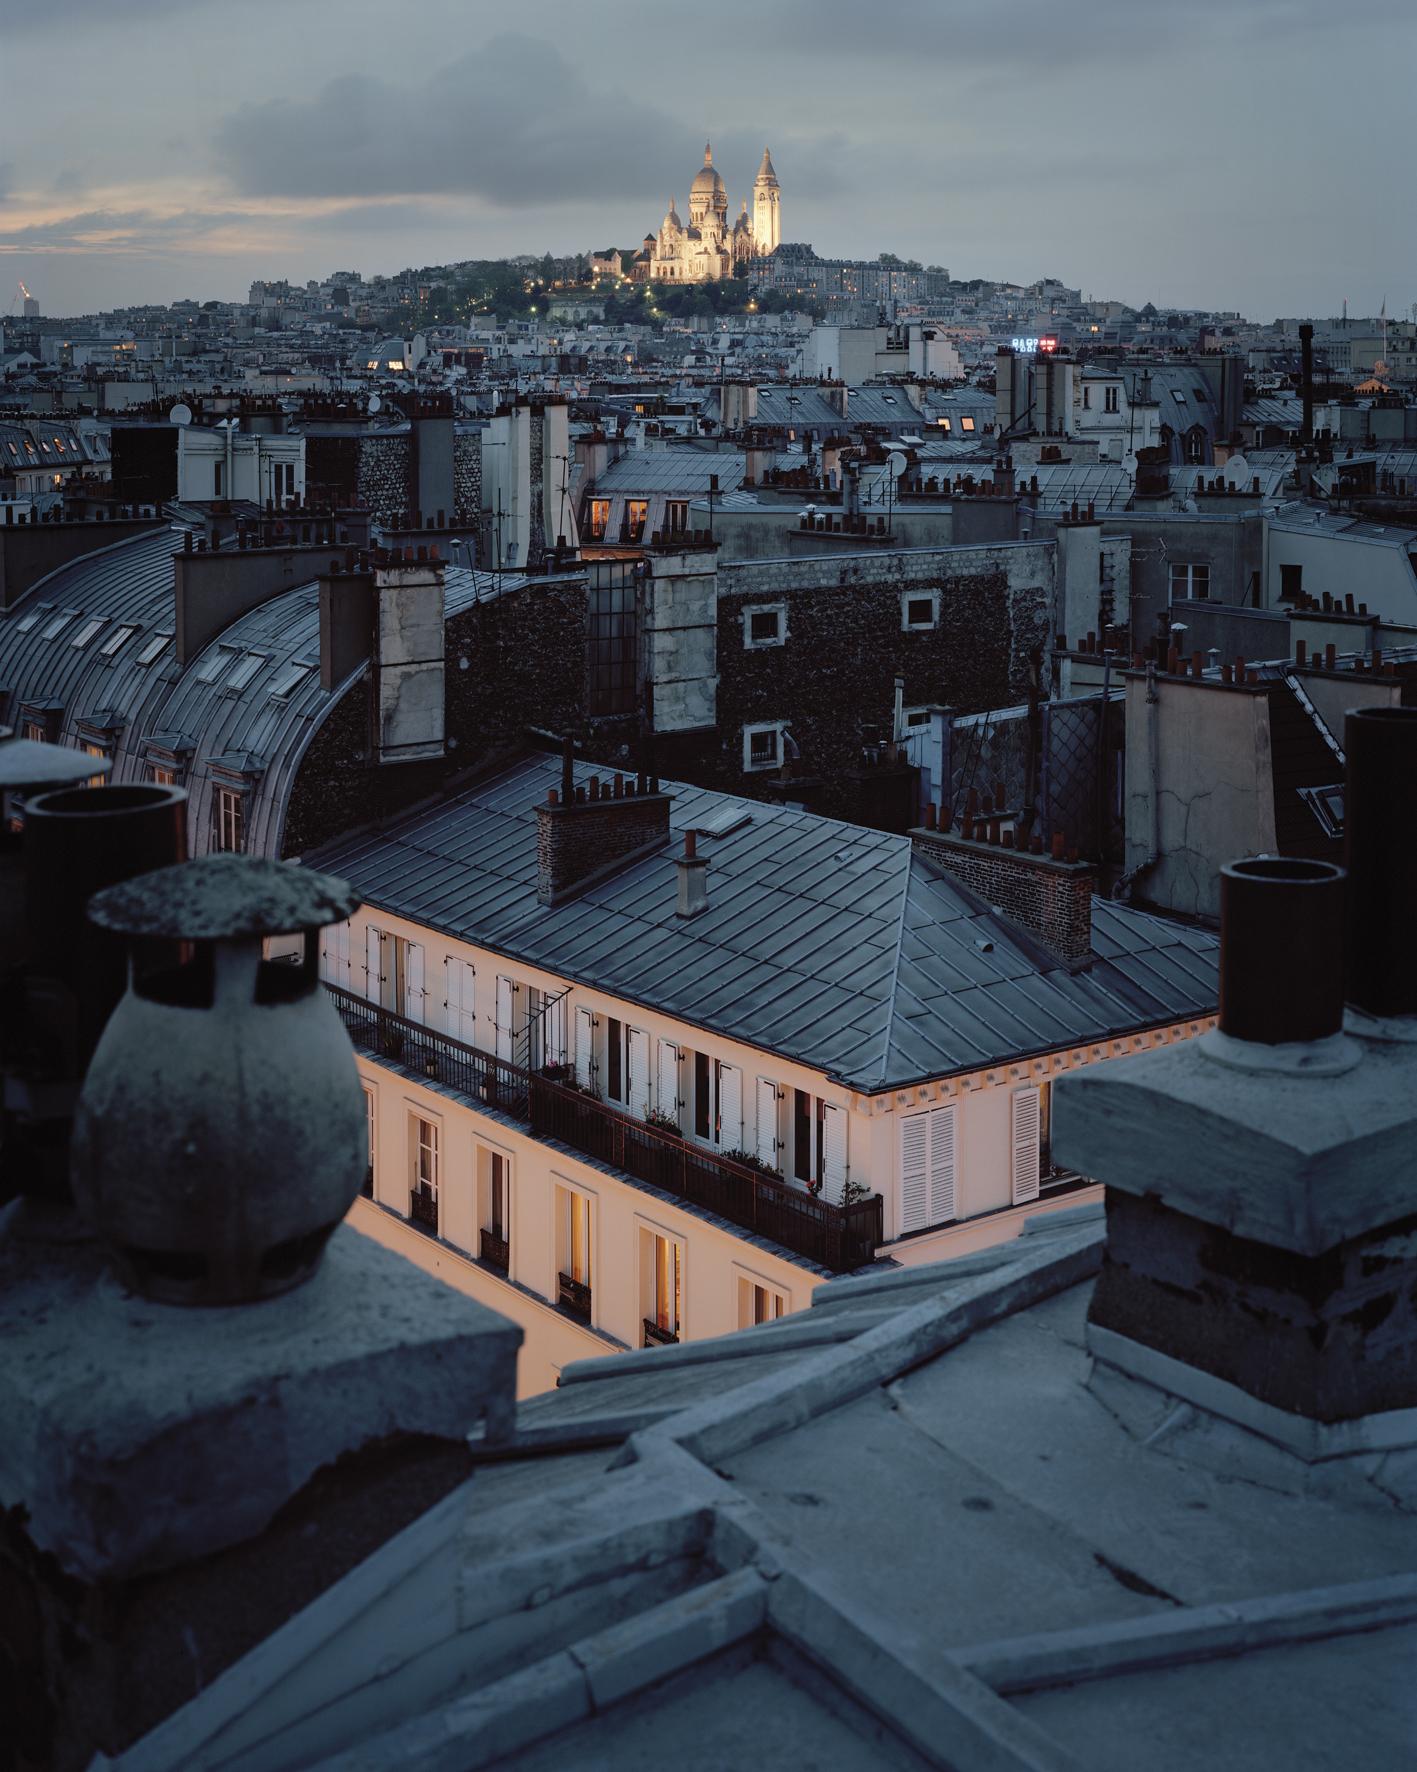 Parigi e gli scatti insonni di Alain Cornu | Collater.al